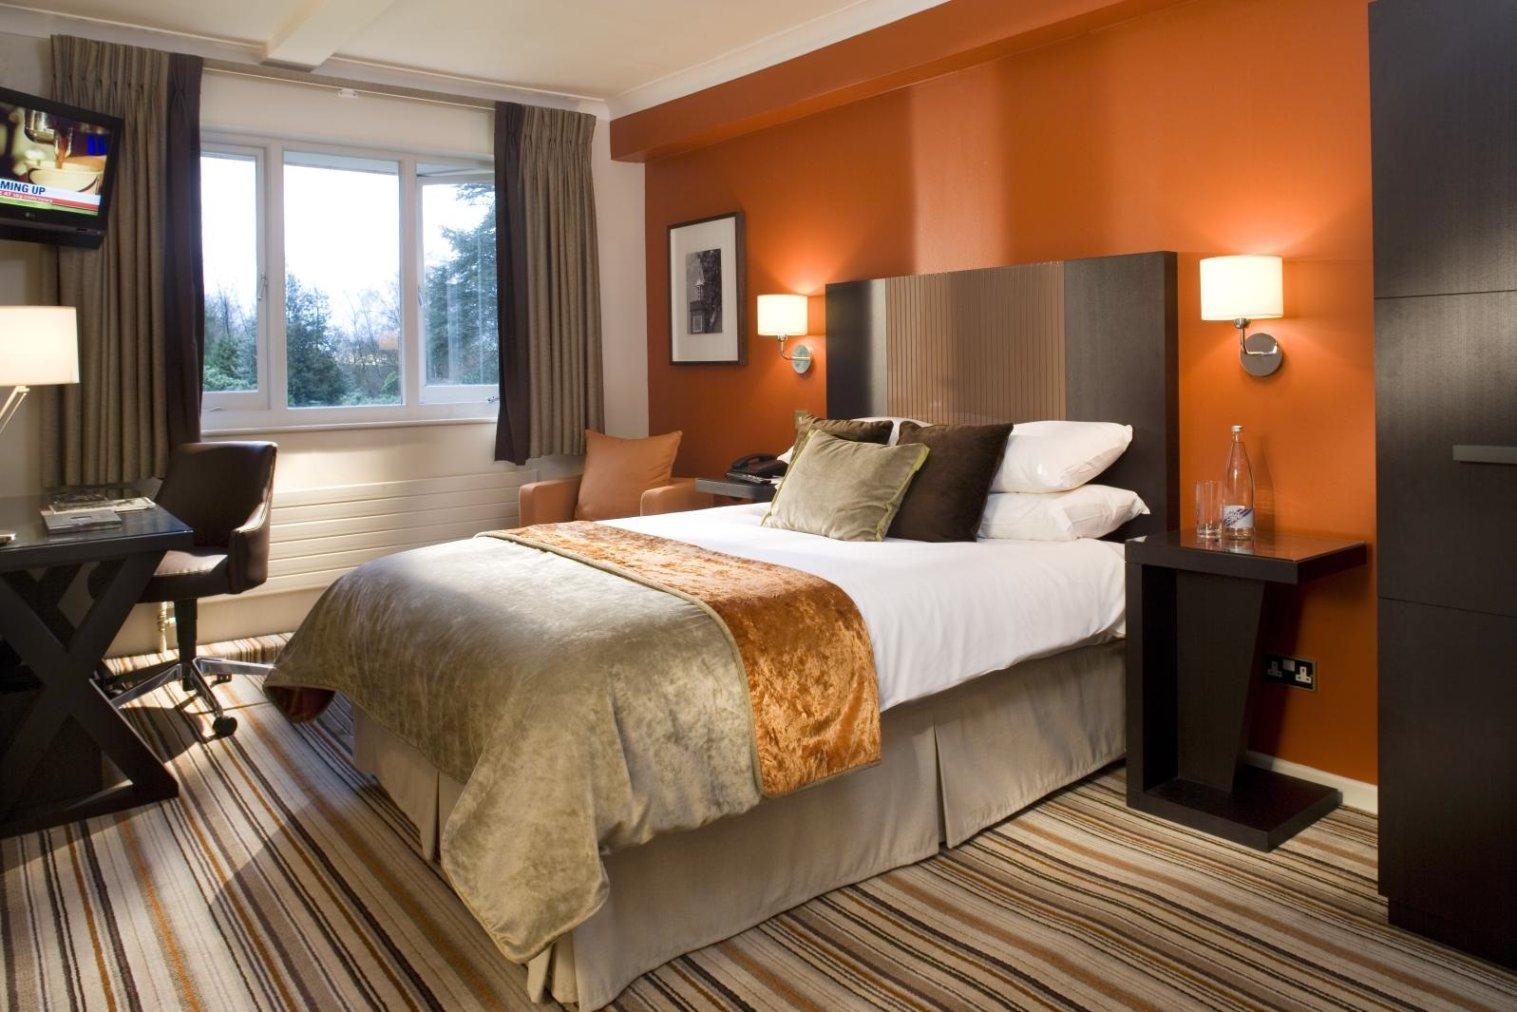 color bedroom ideas photo - 1